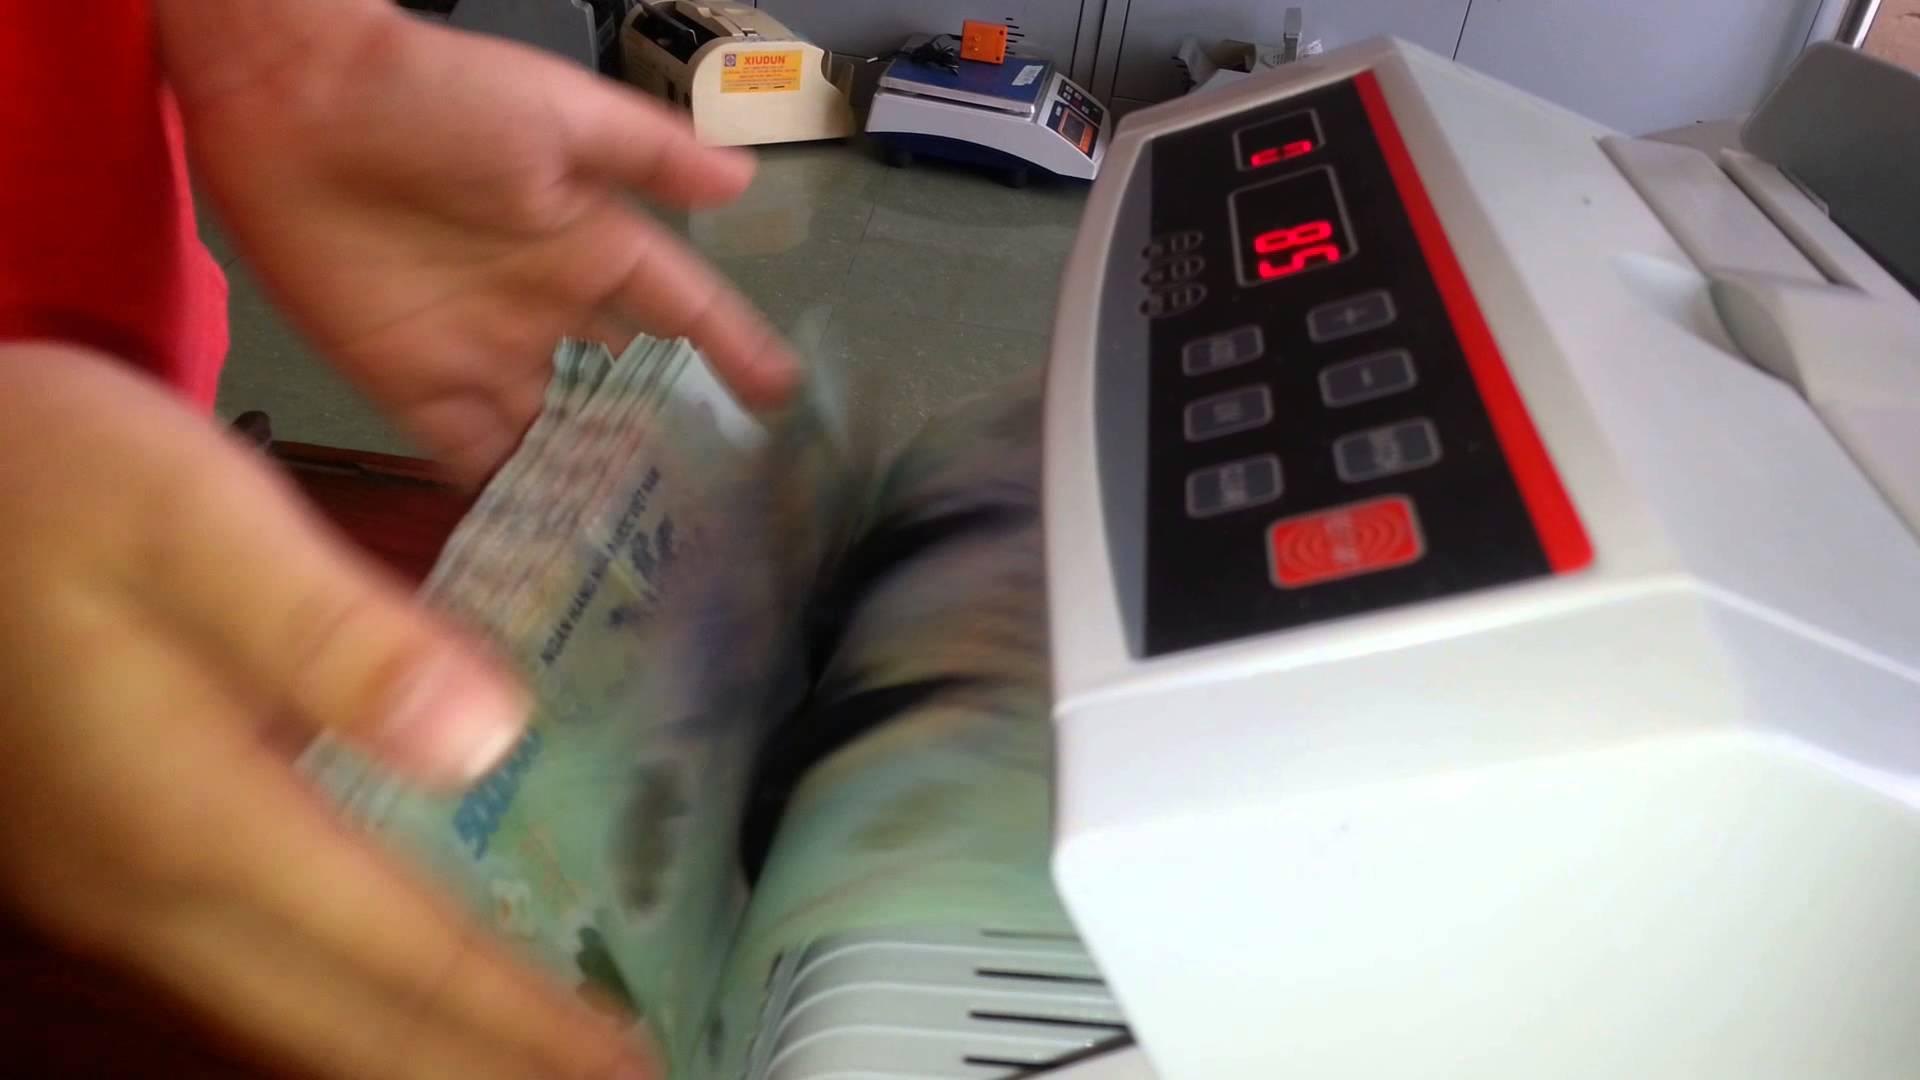 Cách sử dụng Máy đếm tiền Hà Nội đúng cách